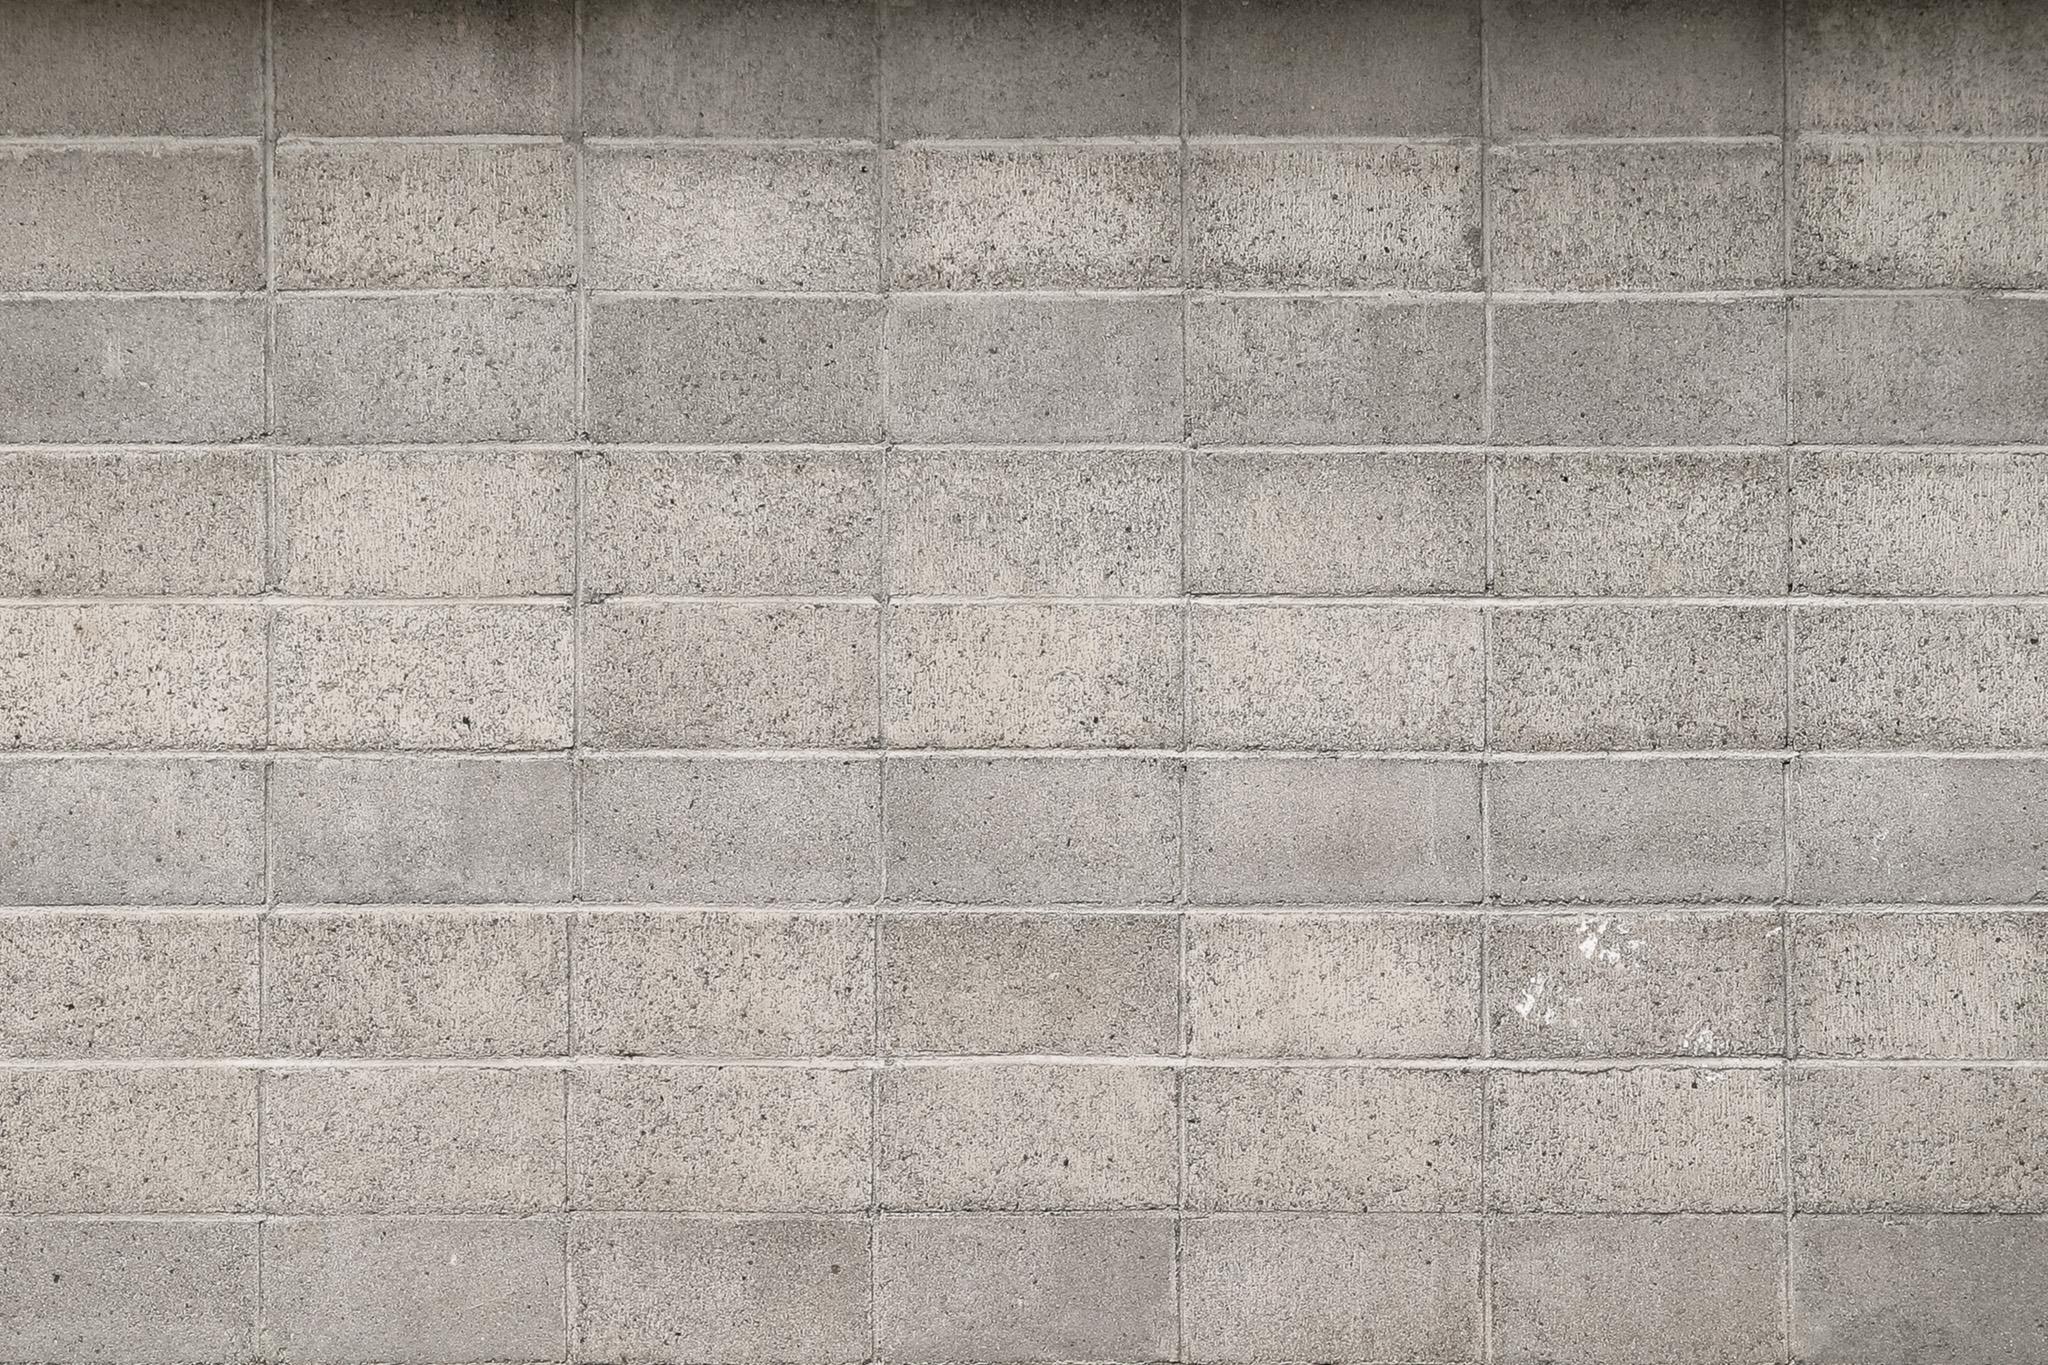 「ブロック塀の背景素材」のテクスチャを無料ダウンロード